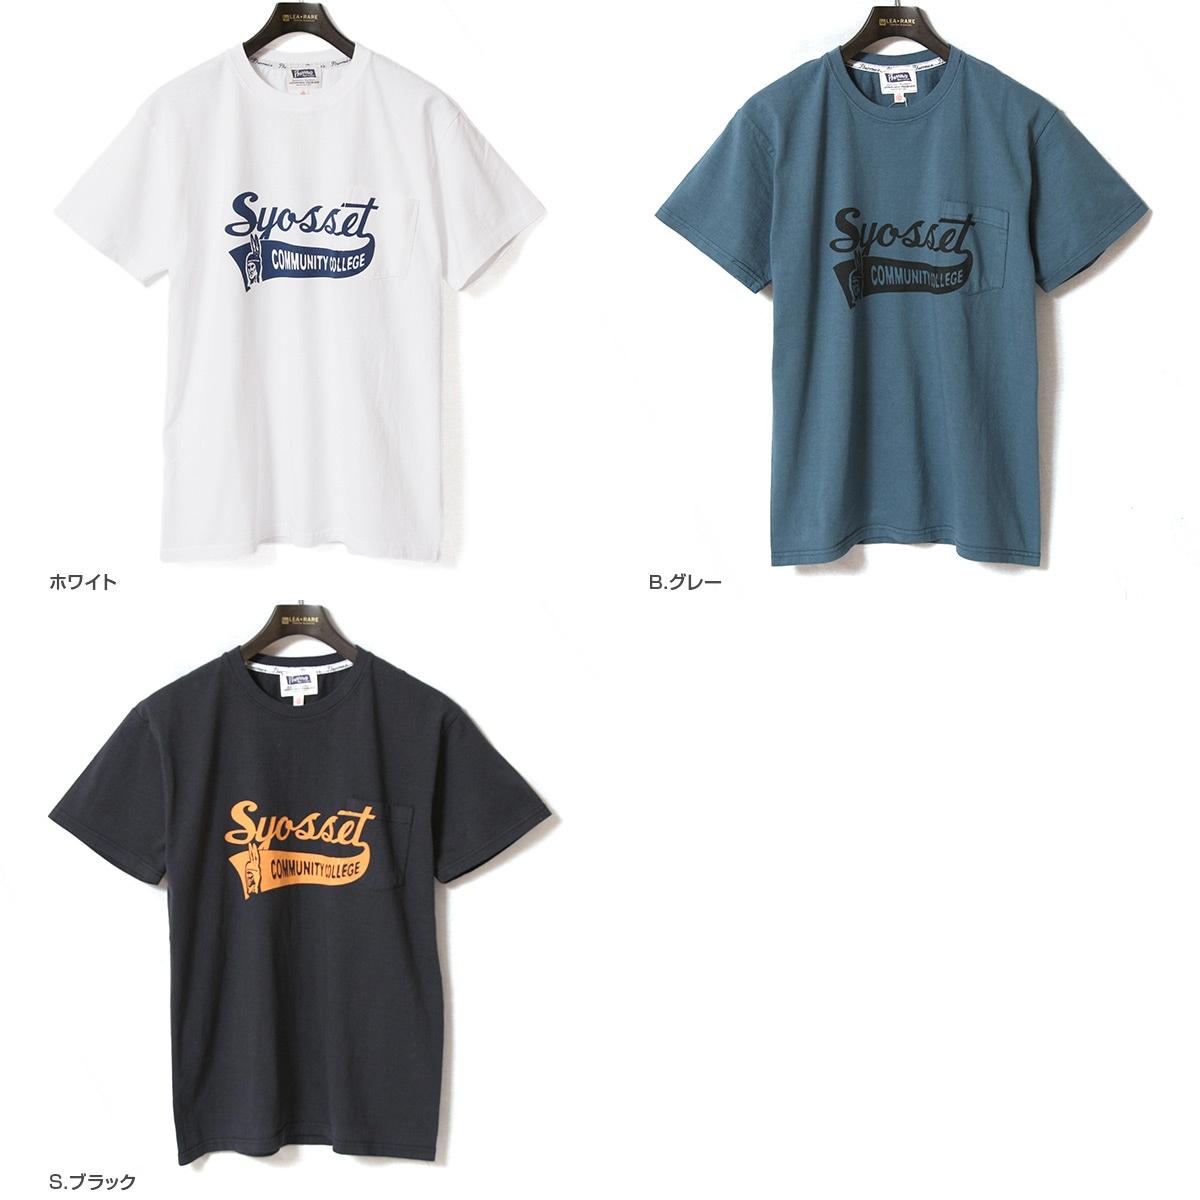 Pherrow's フェローズ ポケット付きプリントTシャツ [SYOSSET] 19S-PPT3